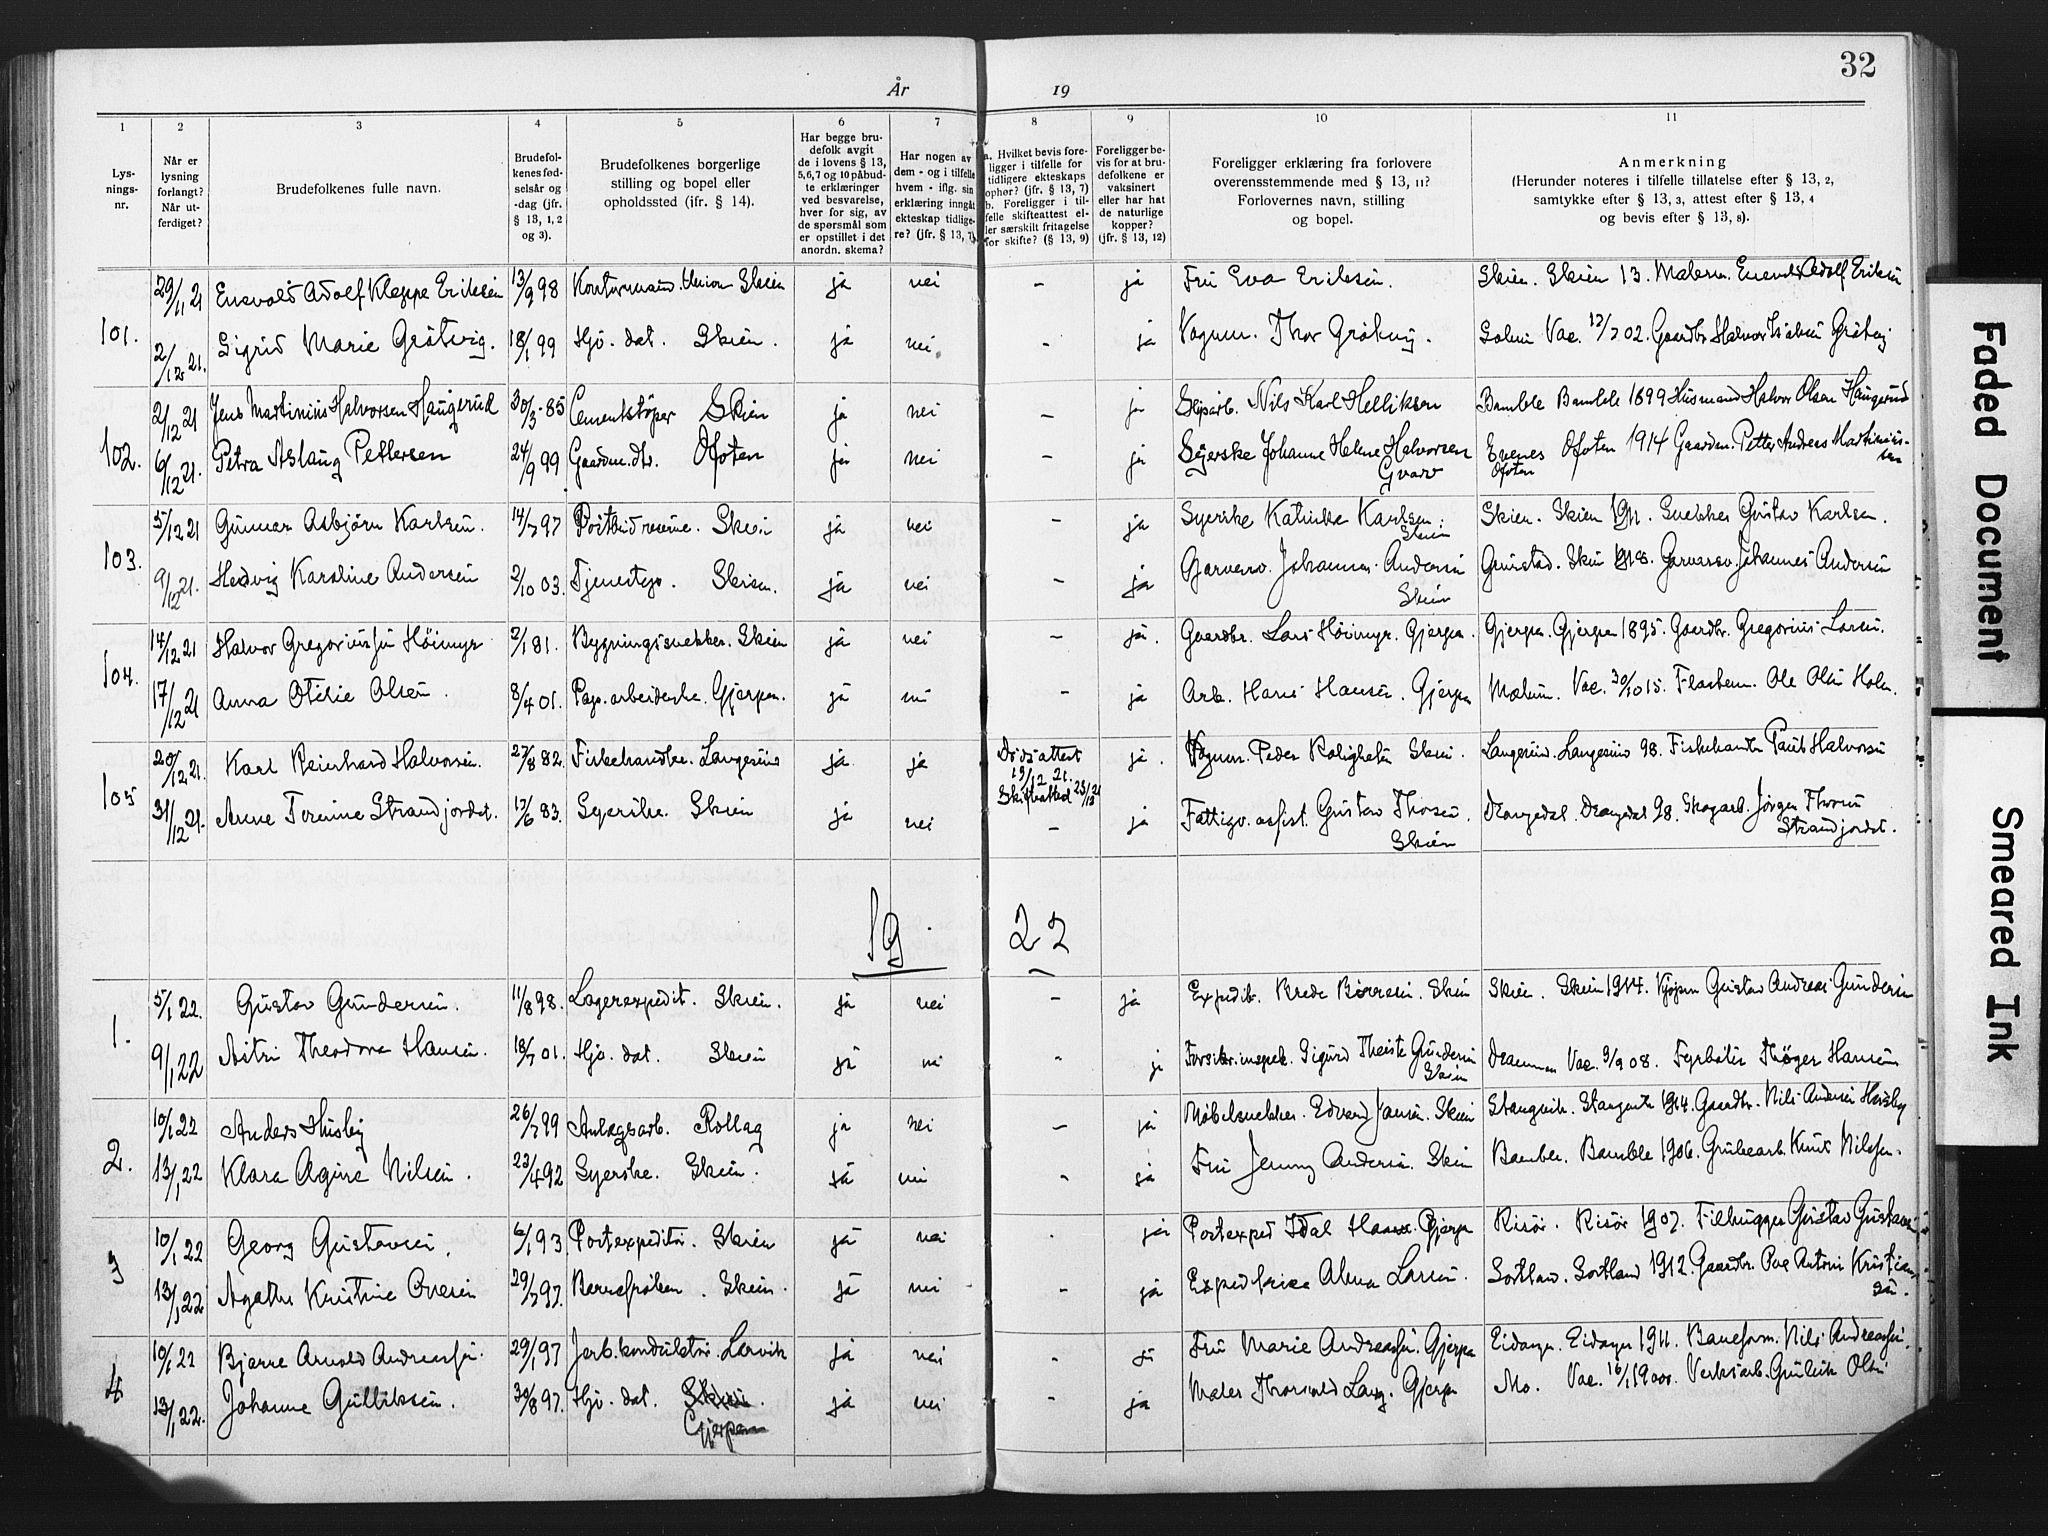 SAKO, Skien kirkebøker, H/Ha/L0001: Lysningsprotokoll nr. 1, 1919-1929, s. 32